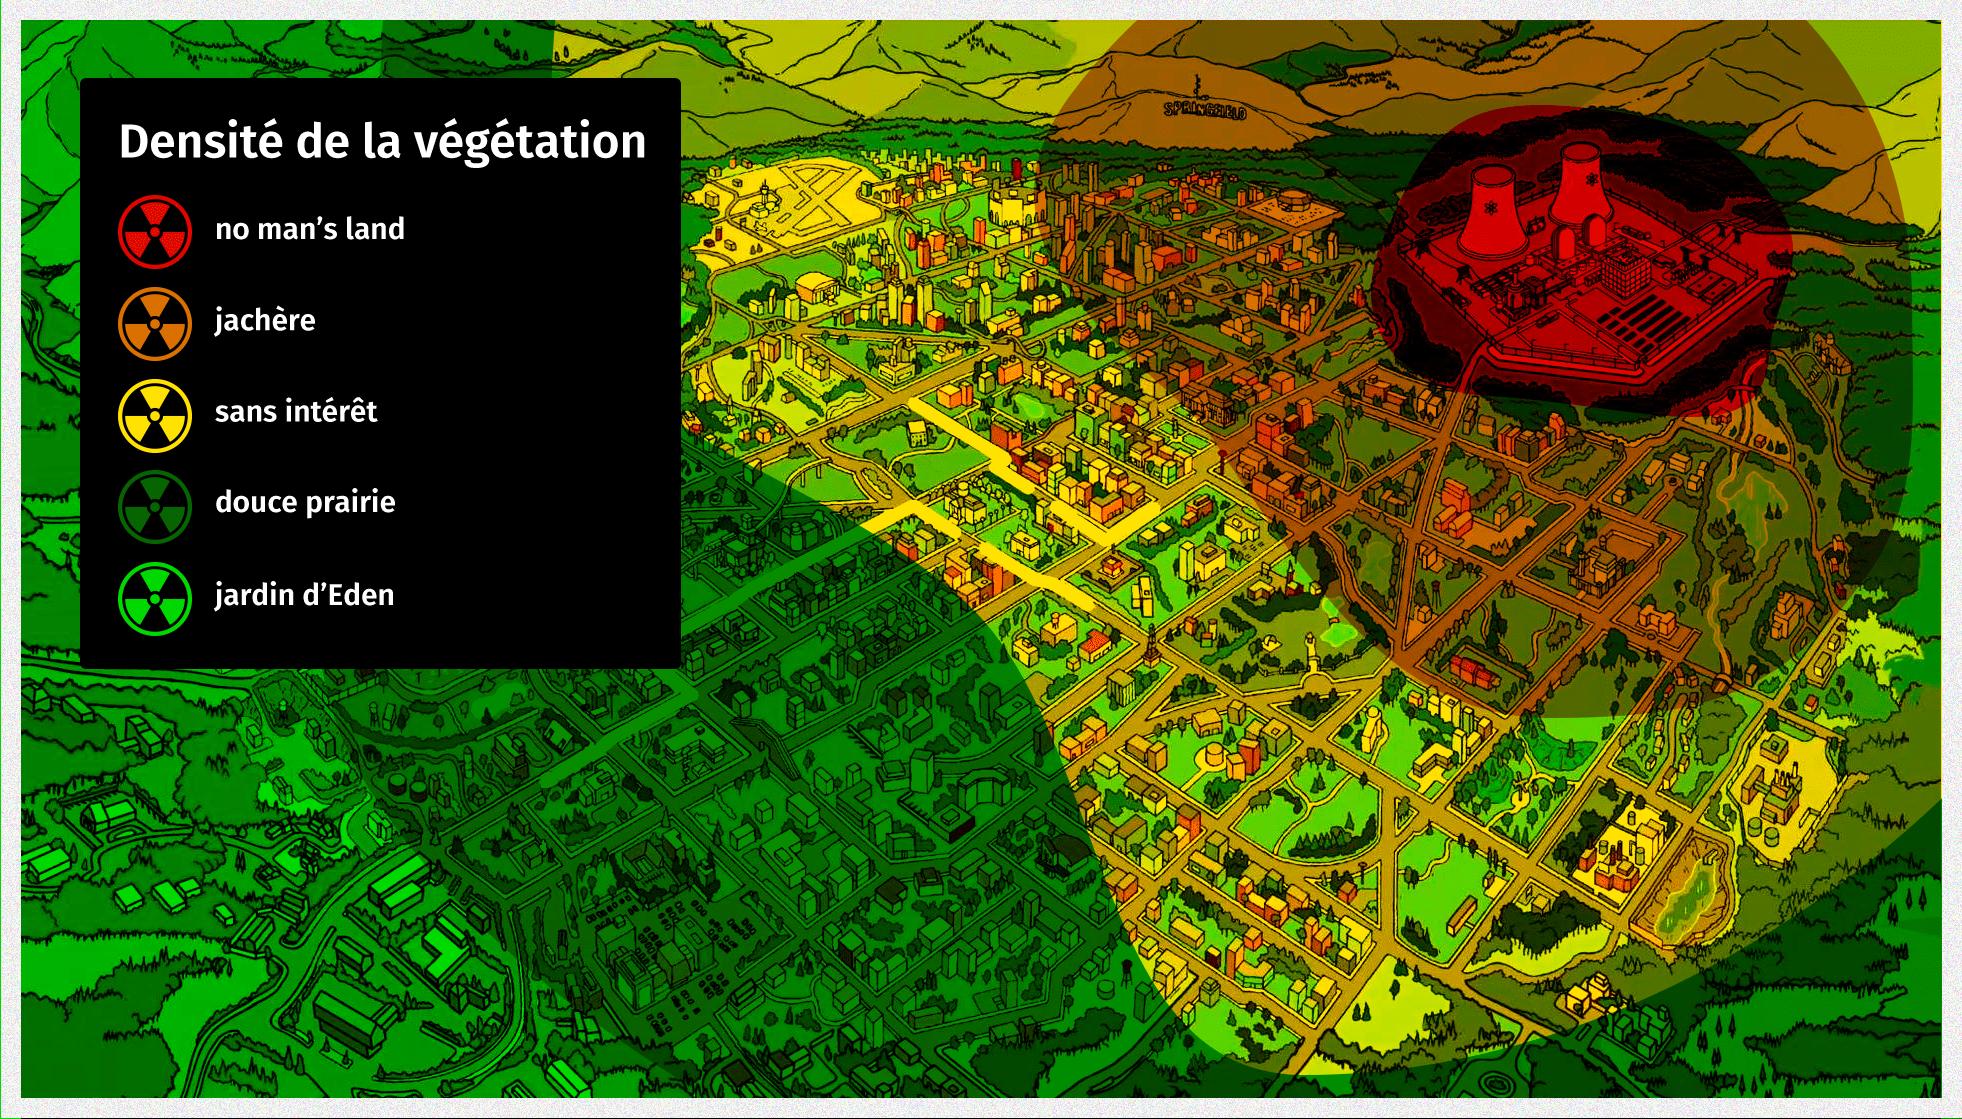 ville-pollution-1 Restaurer l'image de la centrale nucléaire de Springfield (1/2)